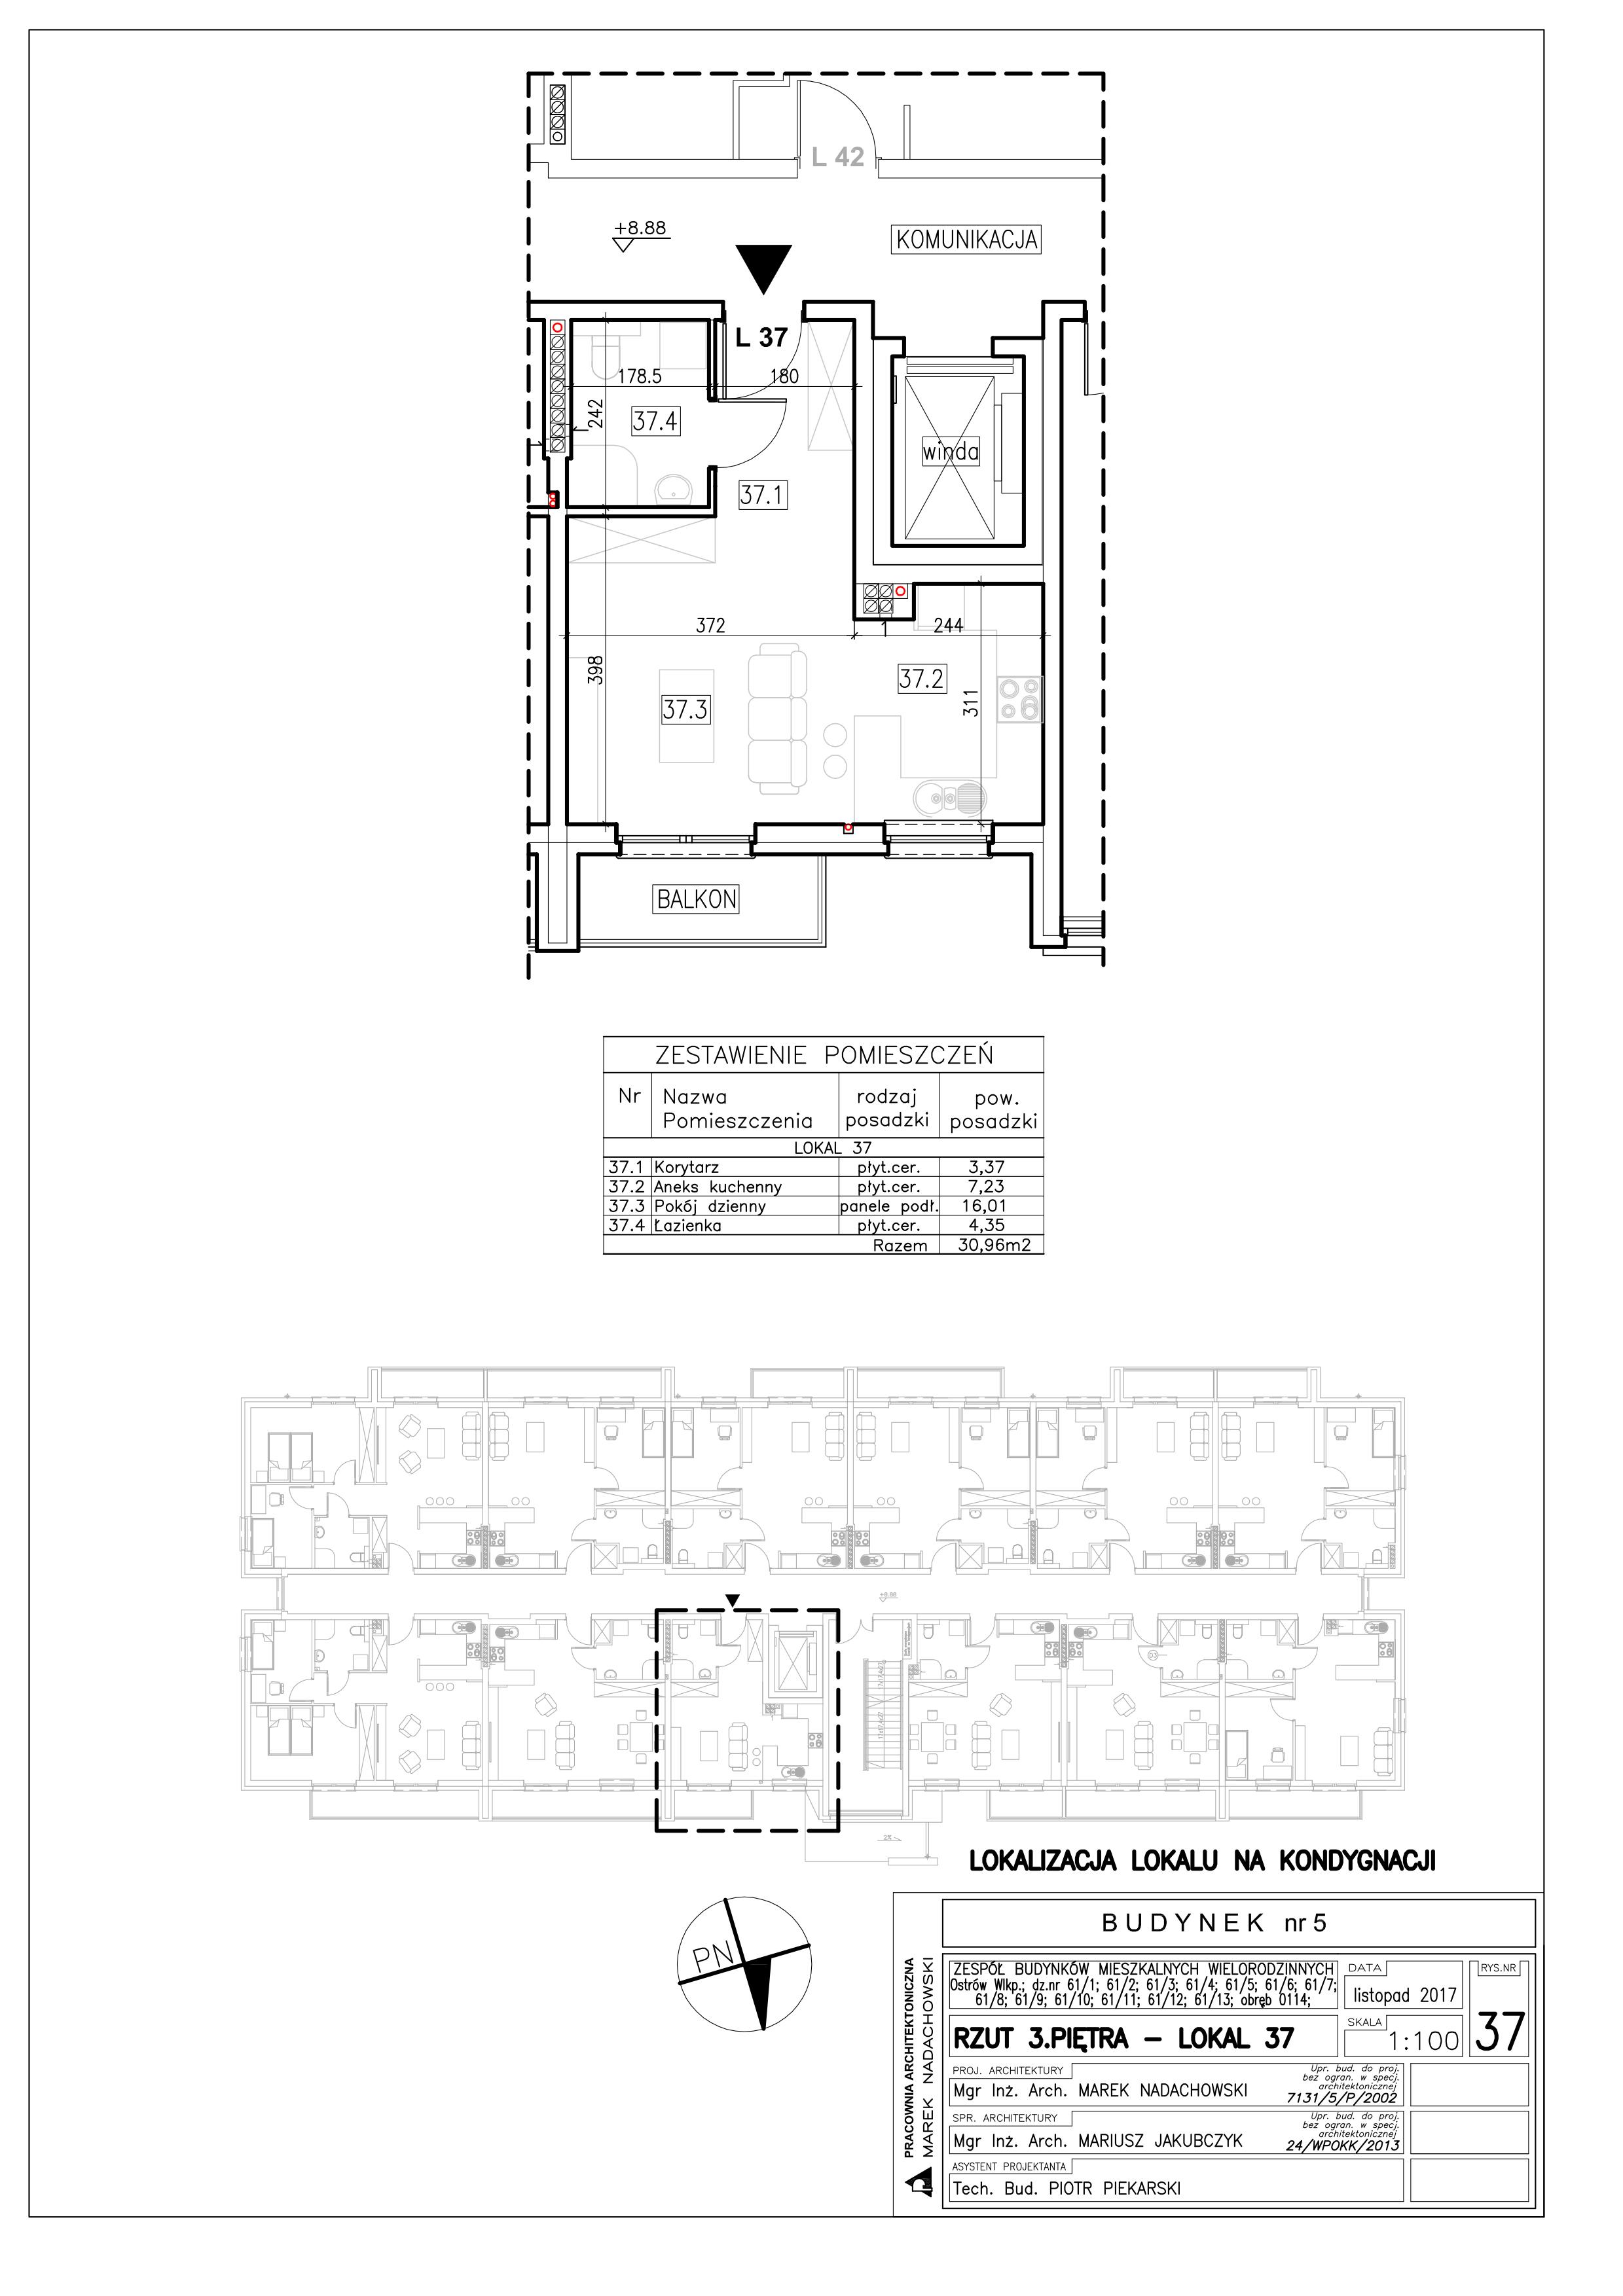 Lokal nr 37 Powierzchnia: 30,96 m2